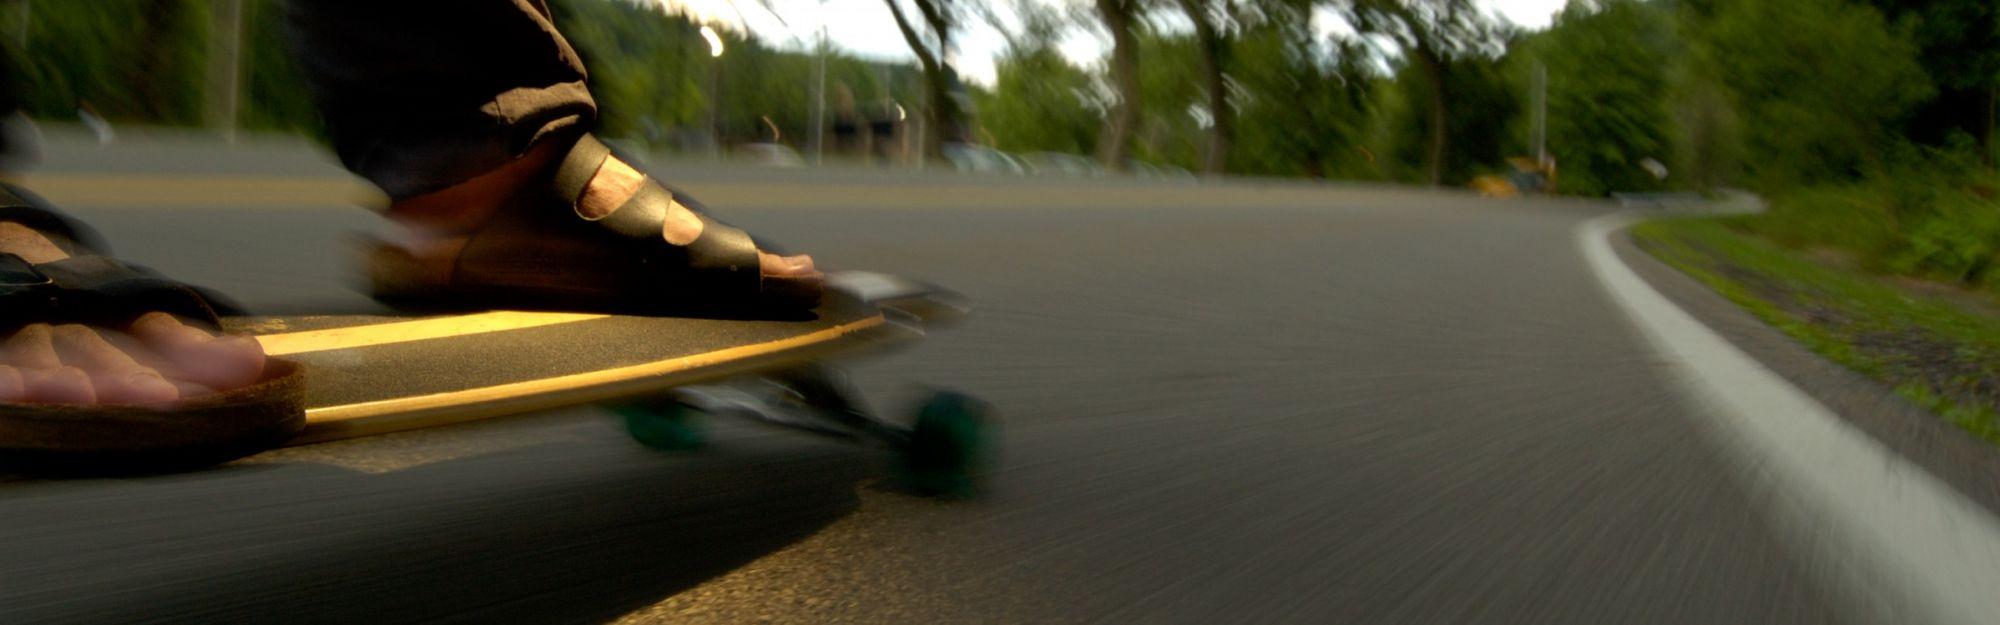 Wie und wo kann man Longboard fahren?